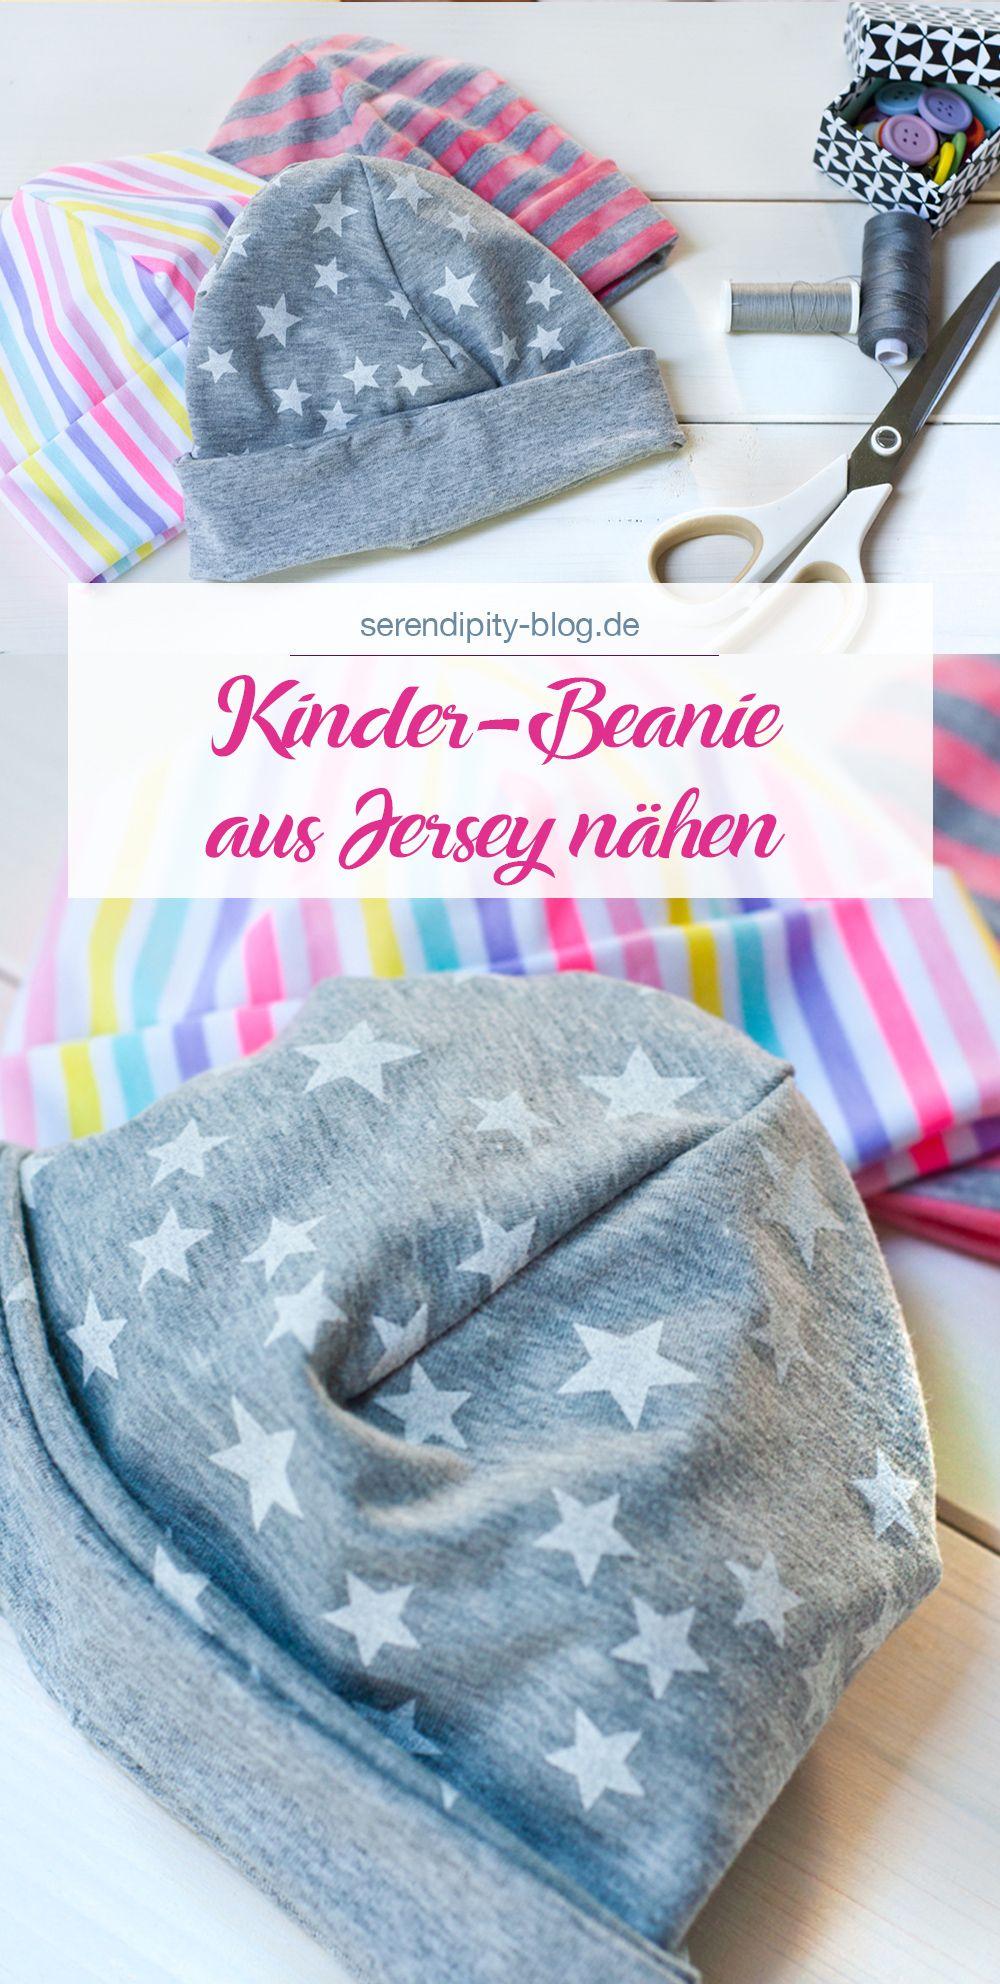 Kinderbeanie aus Jersey für Kreativ für Kinder | Serendipity